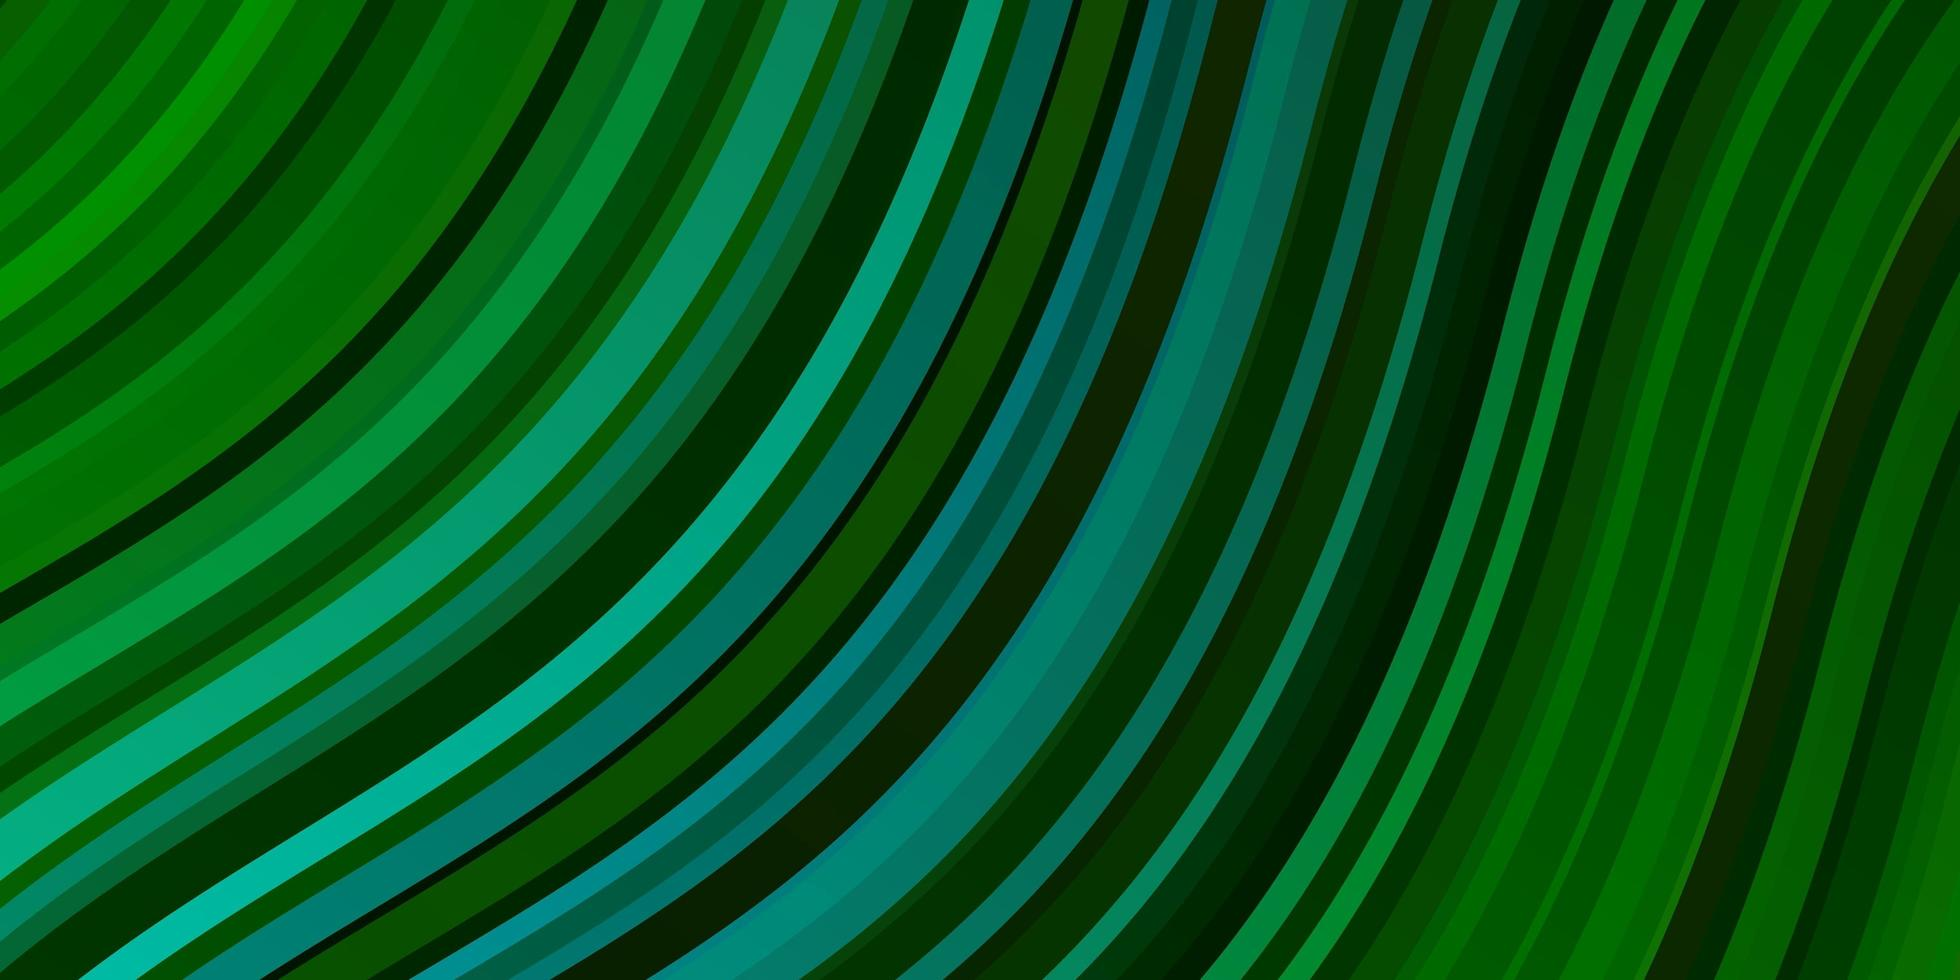 grön bakgrund med linjer. vektor